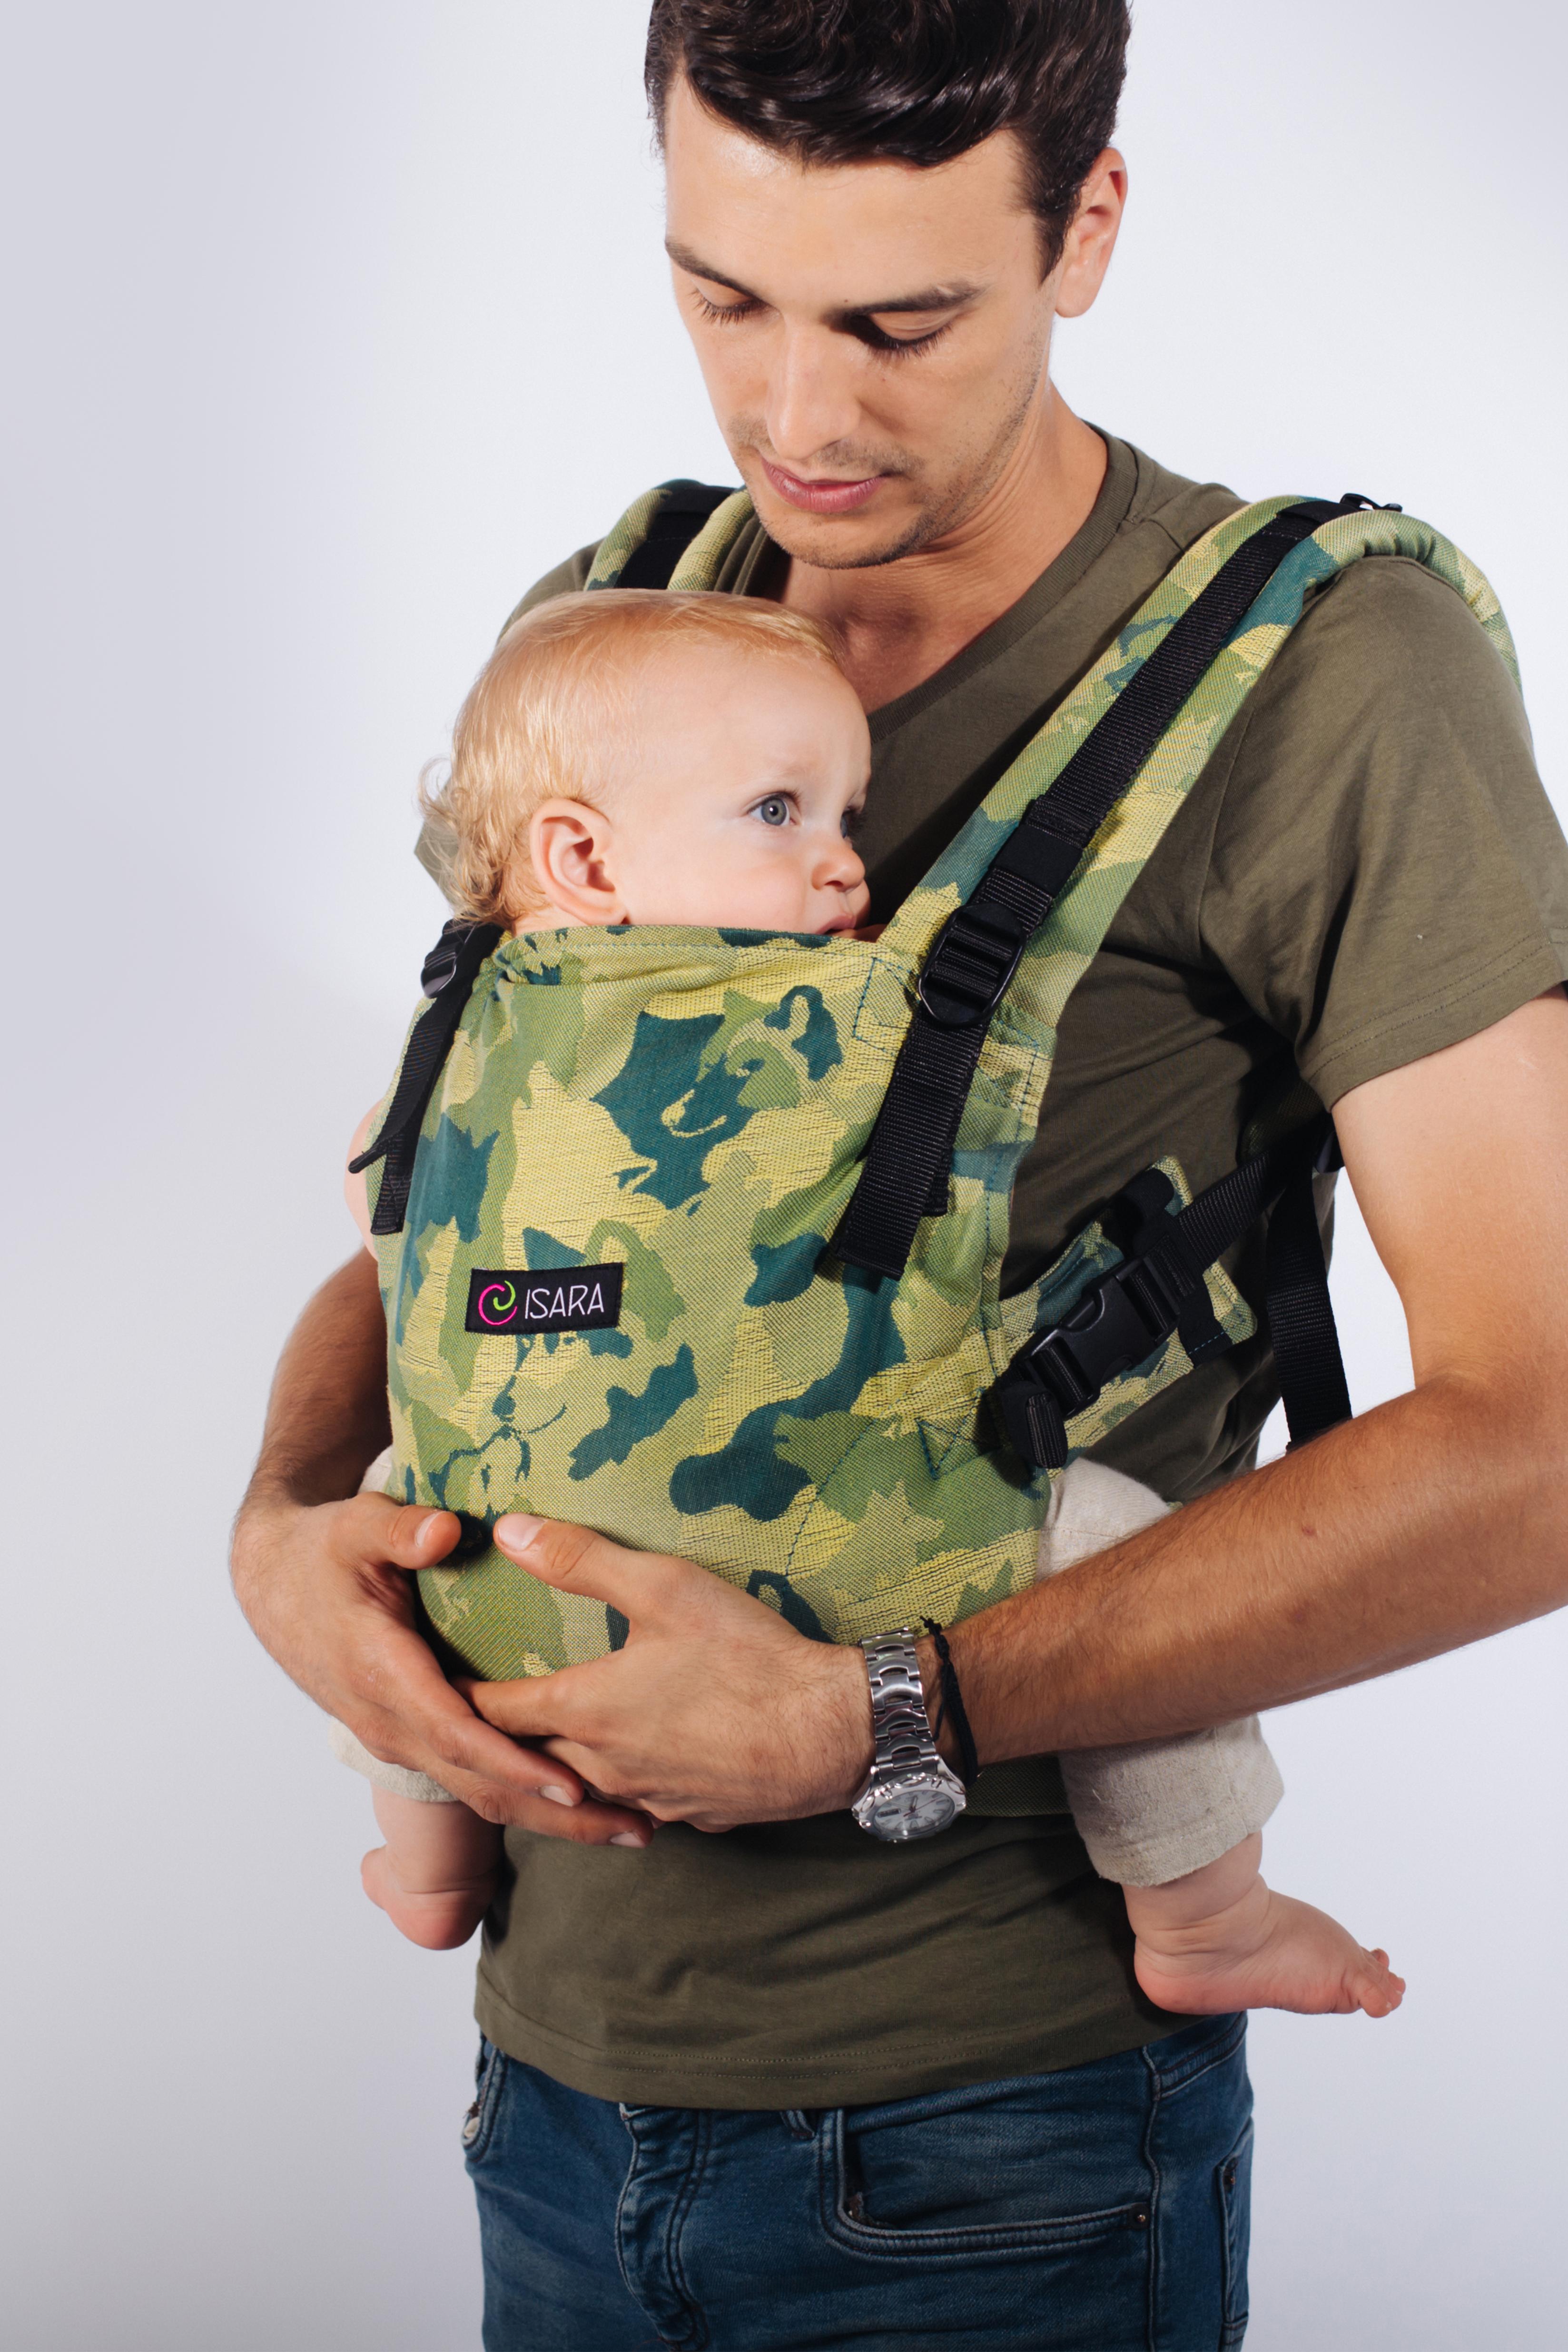 Aluguer de porta bebés